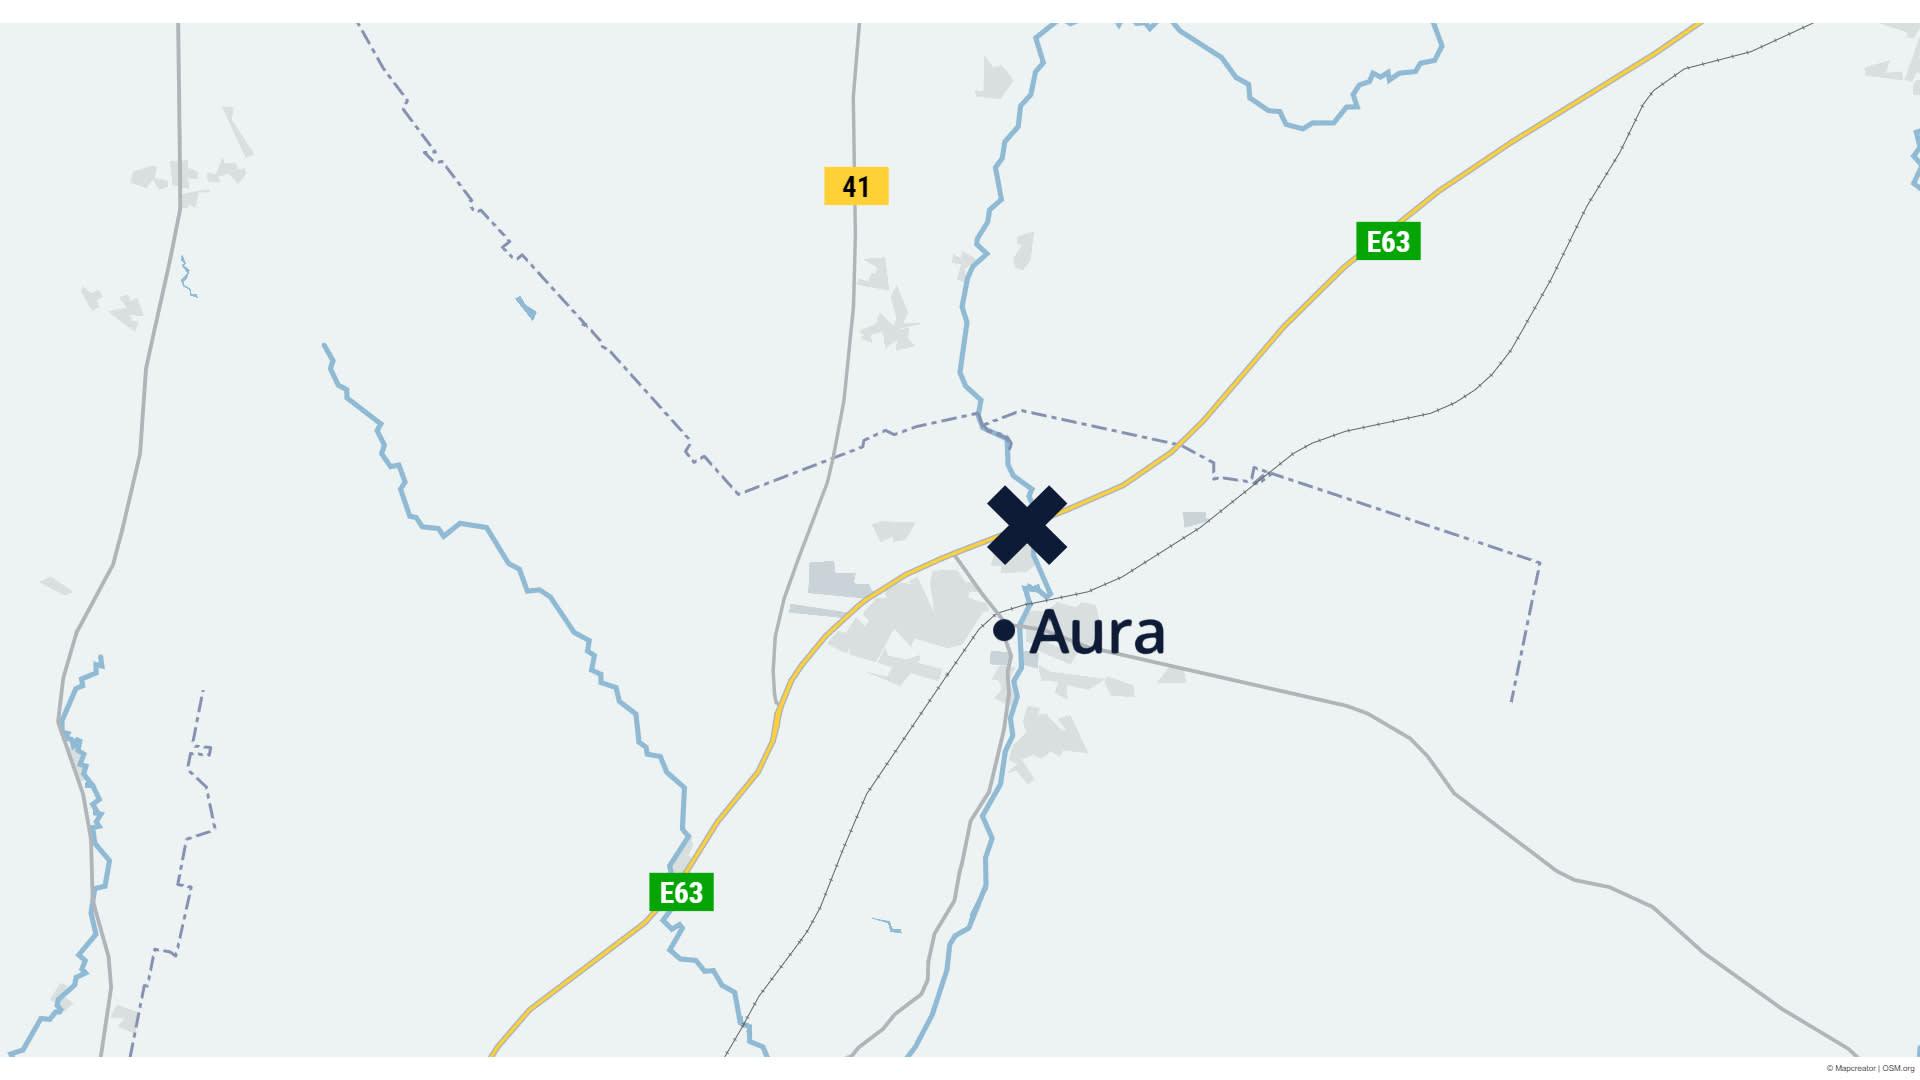 Karttagrafiikka Auran onnettomuuspaikasta